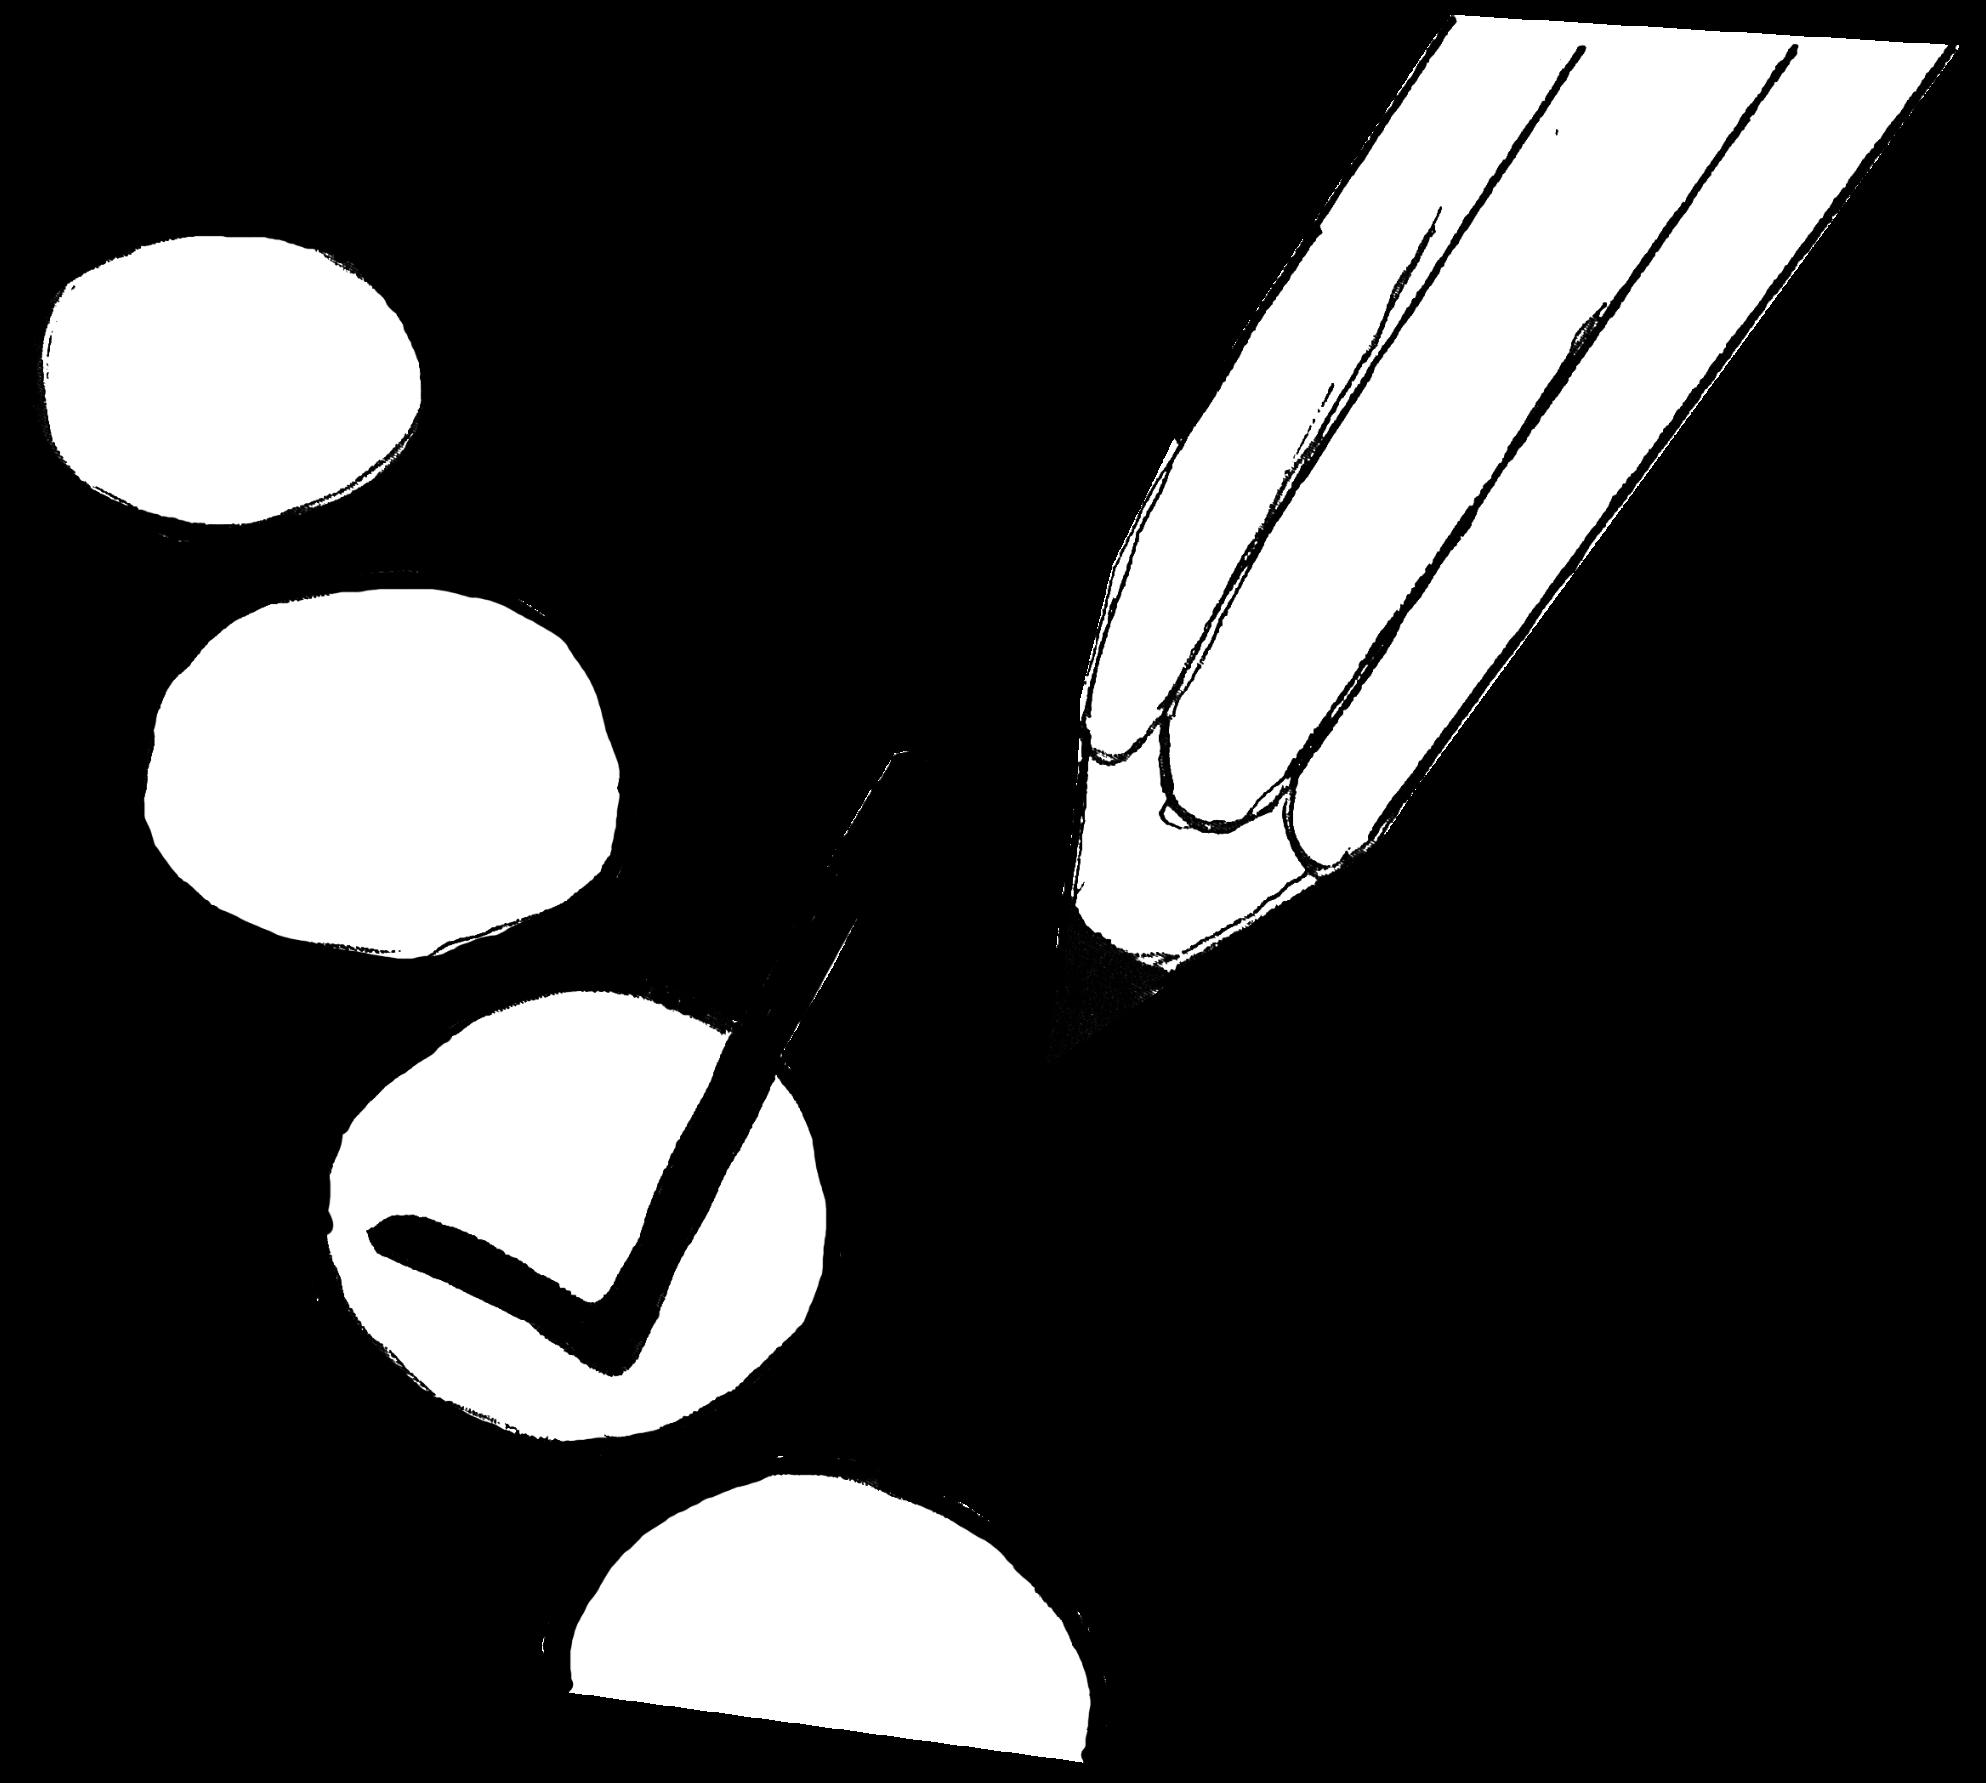 language testing ireland